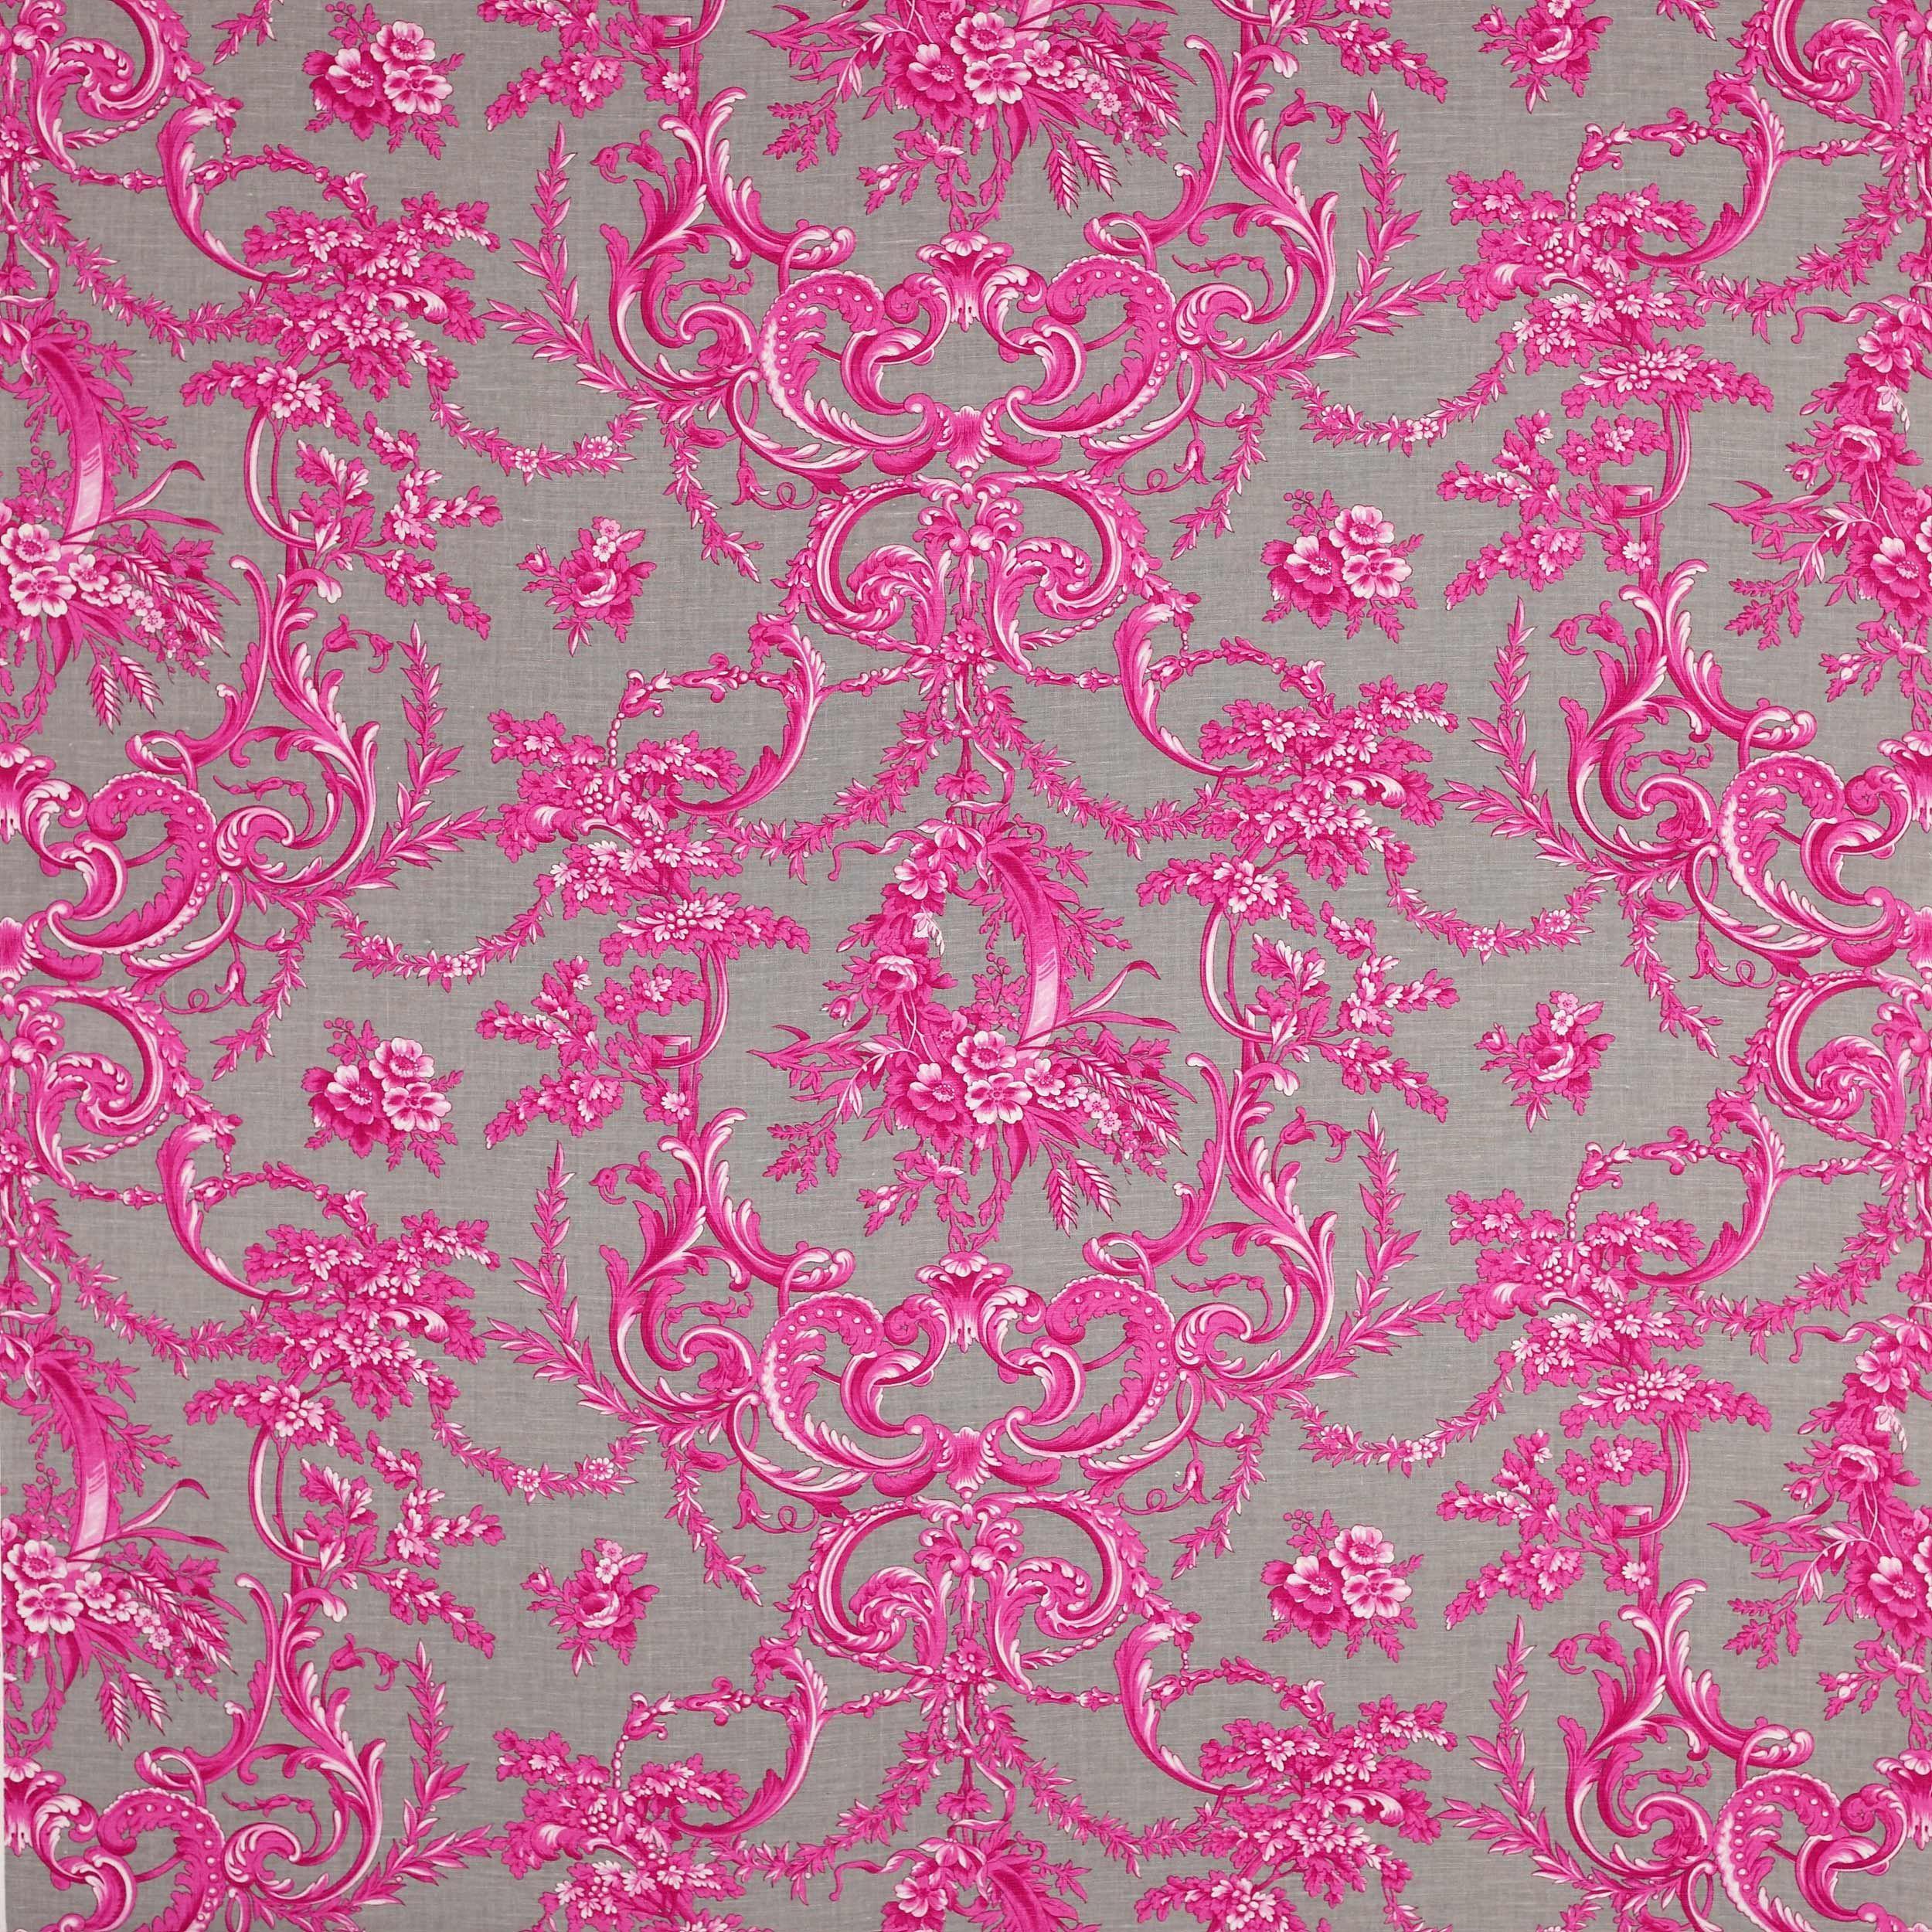 Manuel canovasu la verrerie fuchsia toile textiles with for Moquette de stand